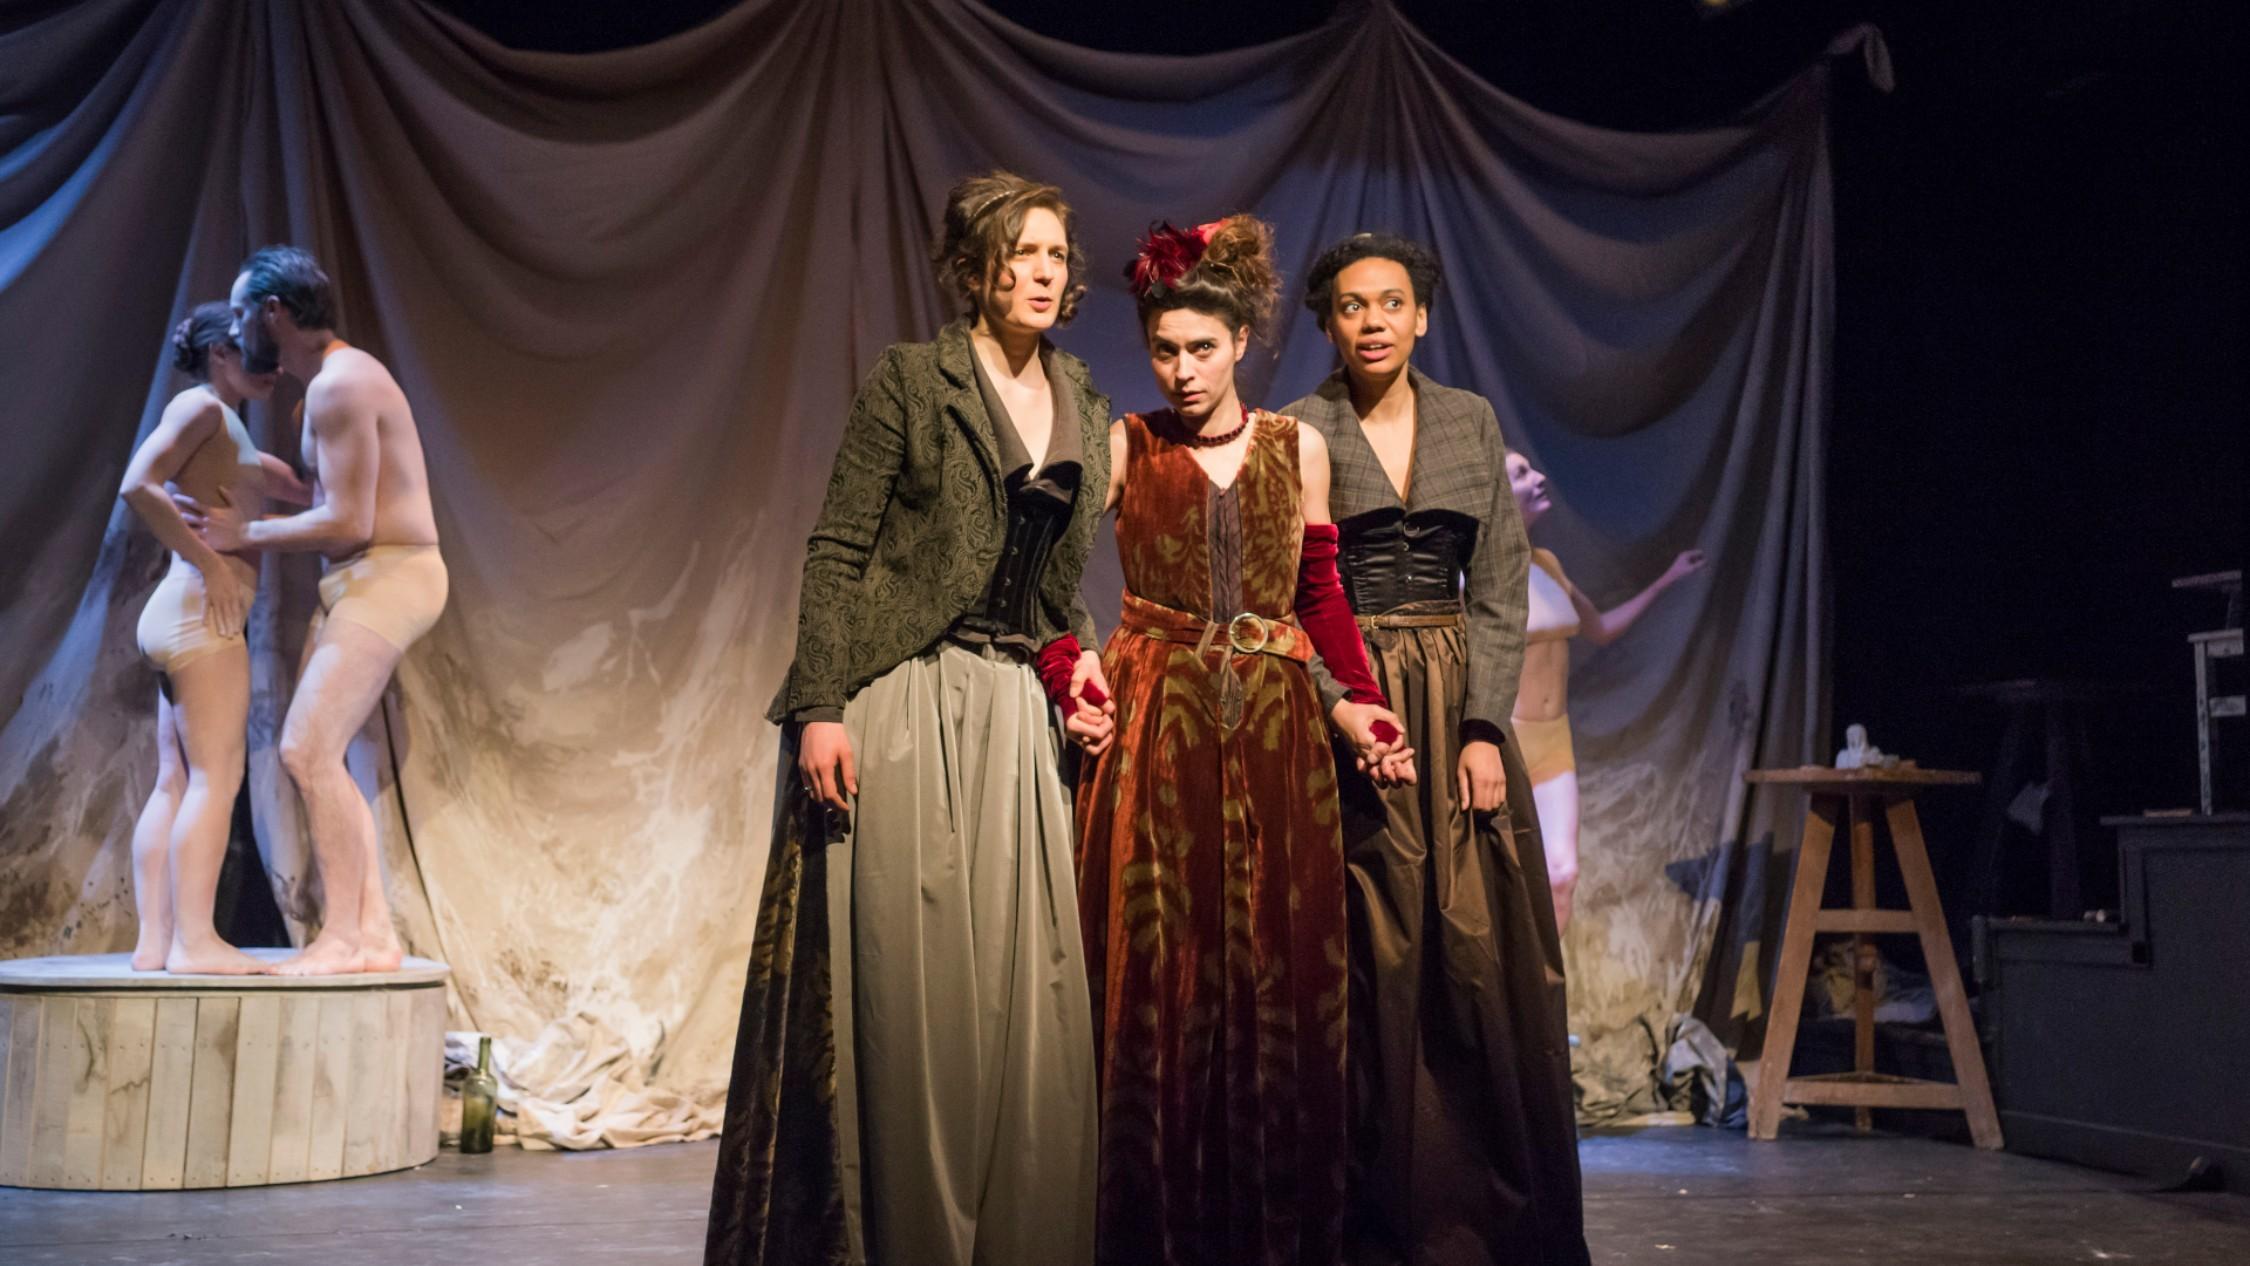 three women in 1800s Parisian attire